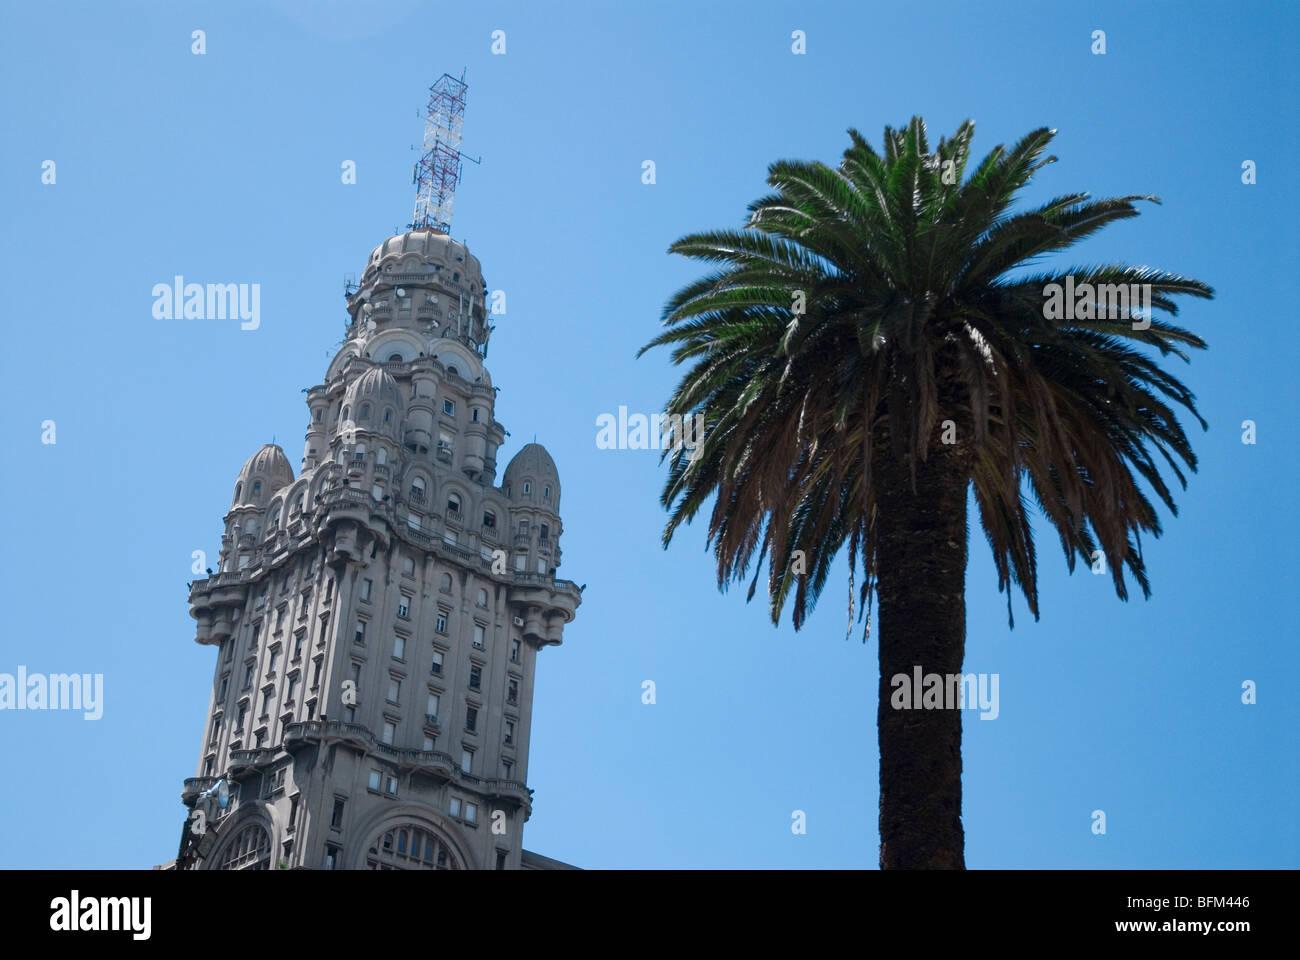 Le Palacio Salvo, conçu par Mario Palanti sur la Plaza Indepedencia, Montevideo, Uruguay Photo Stock